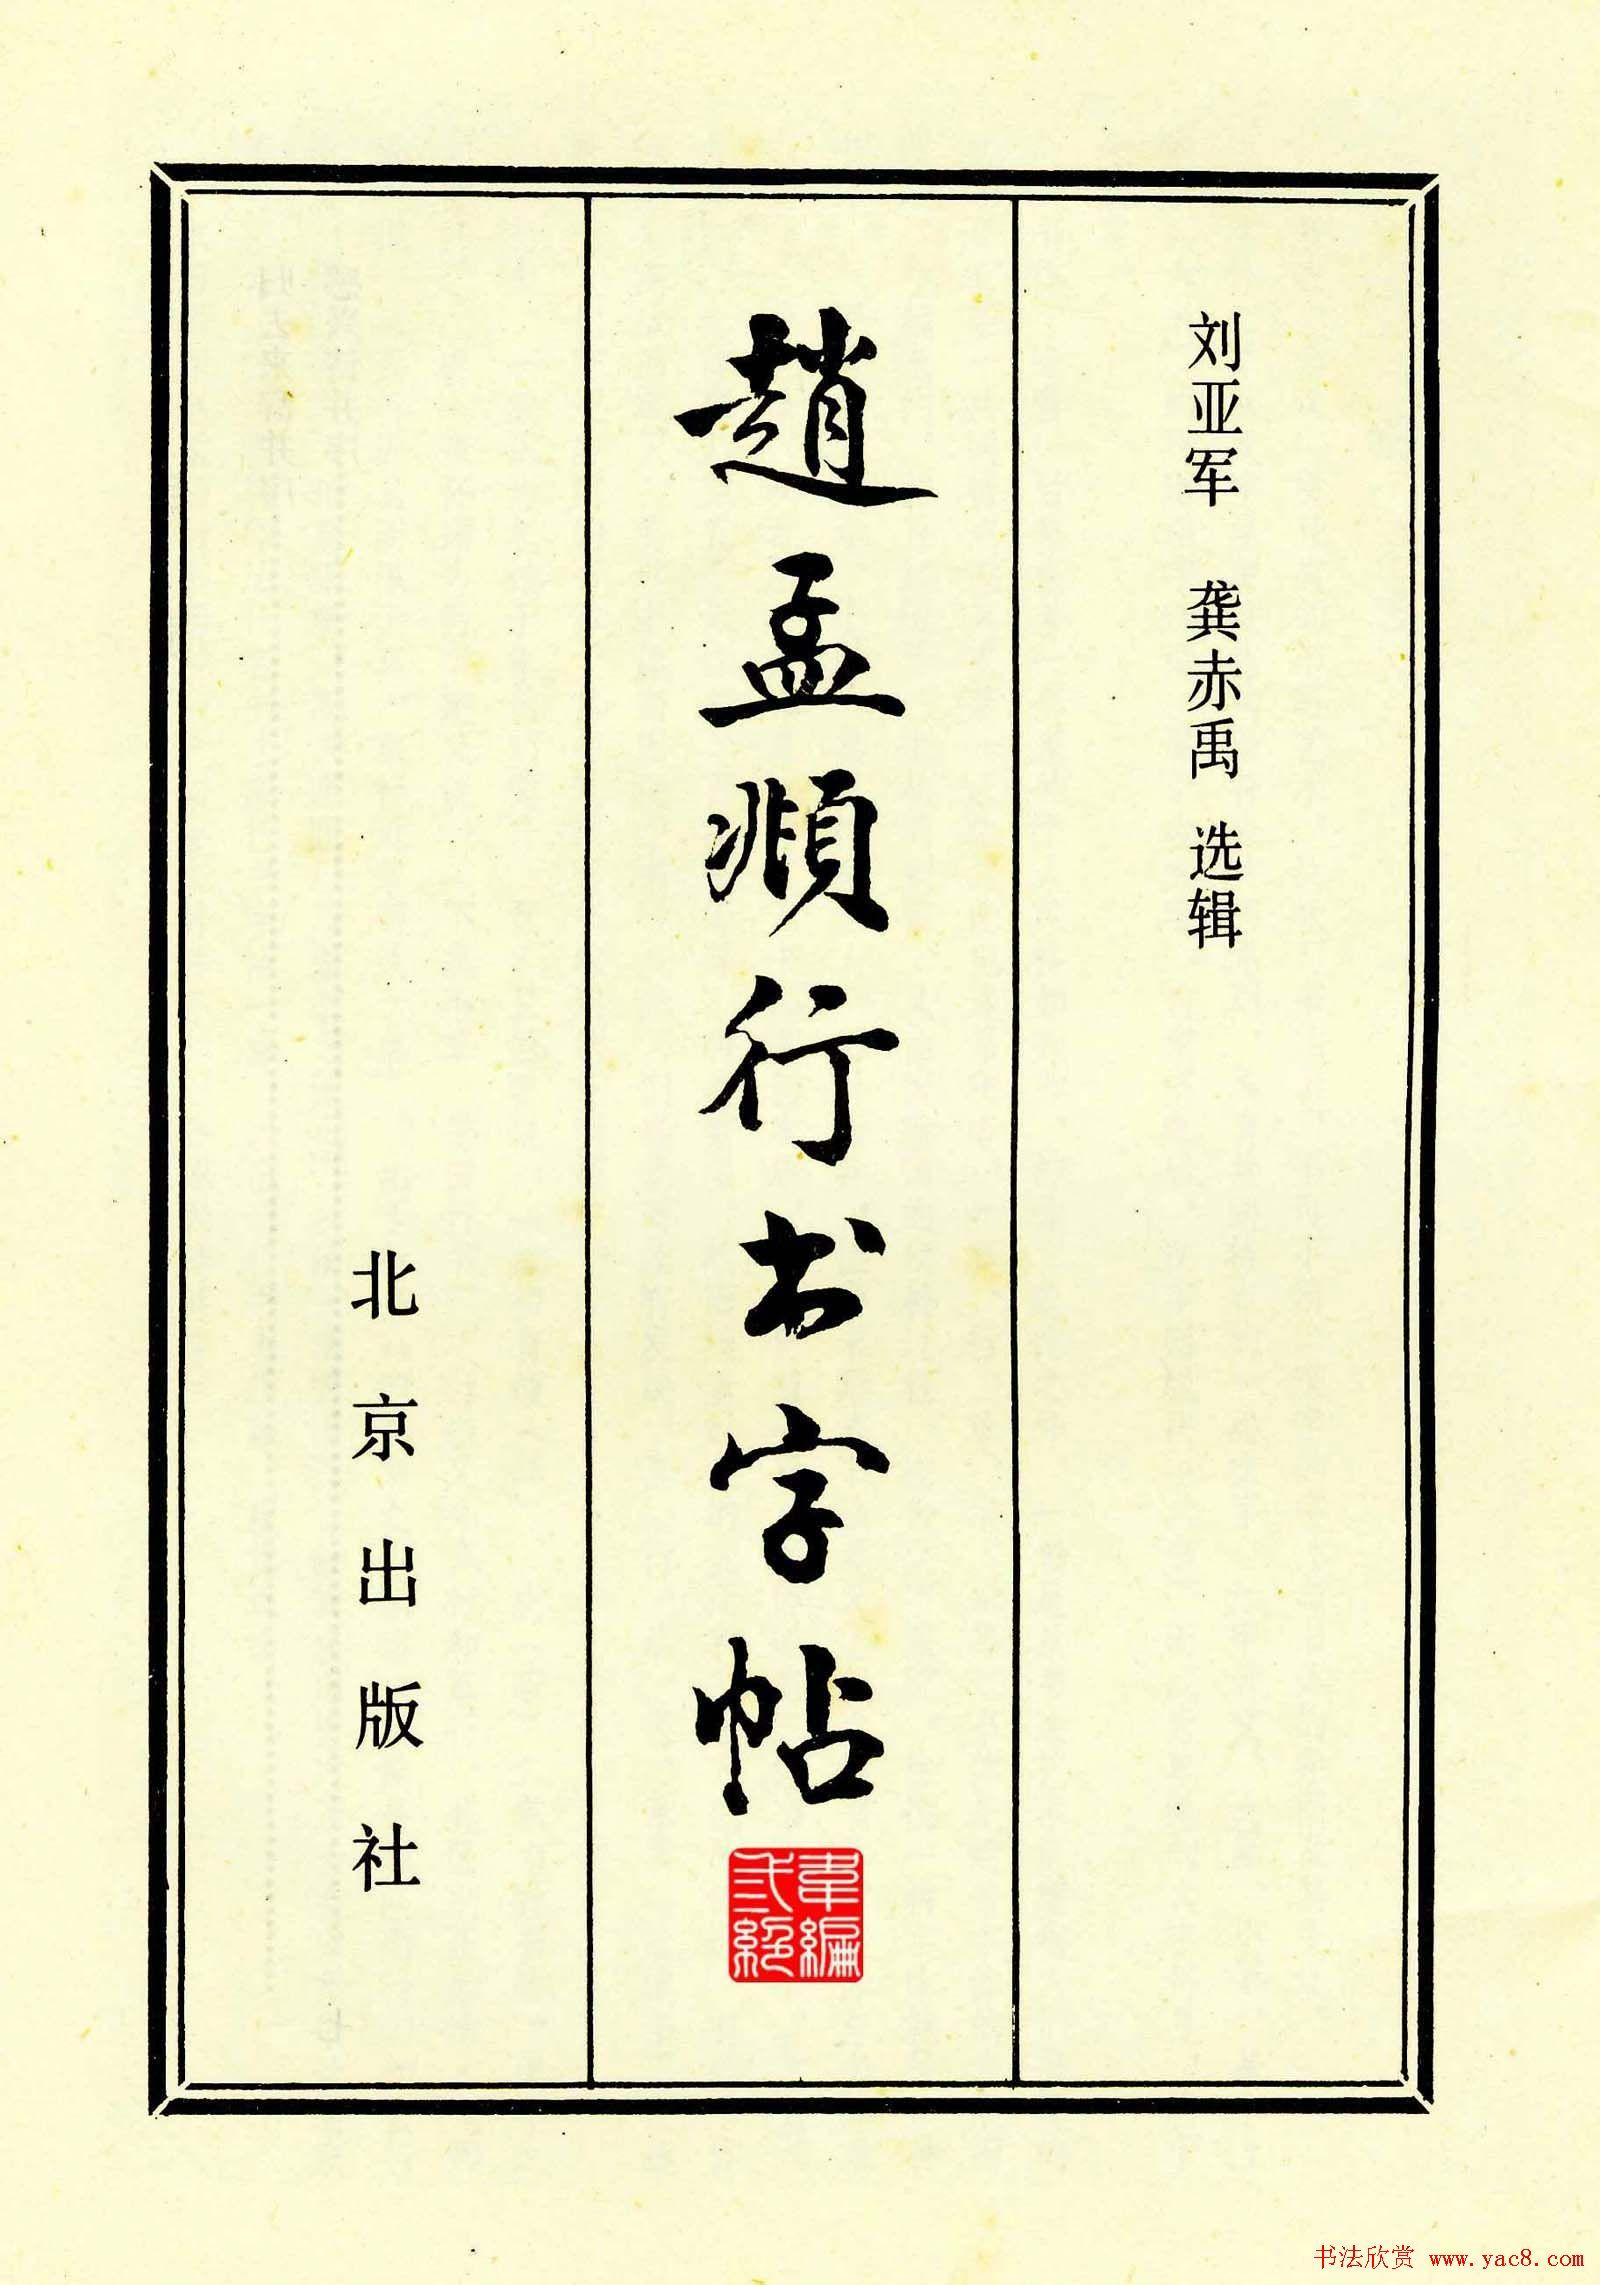 高清晰毛笔字帖欣赏《赵孟頫行书字帖》